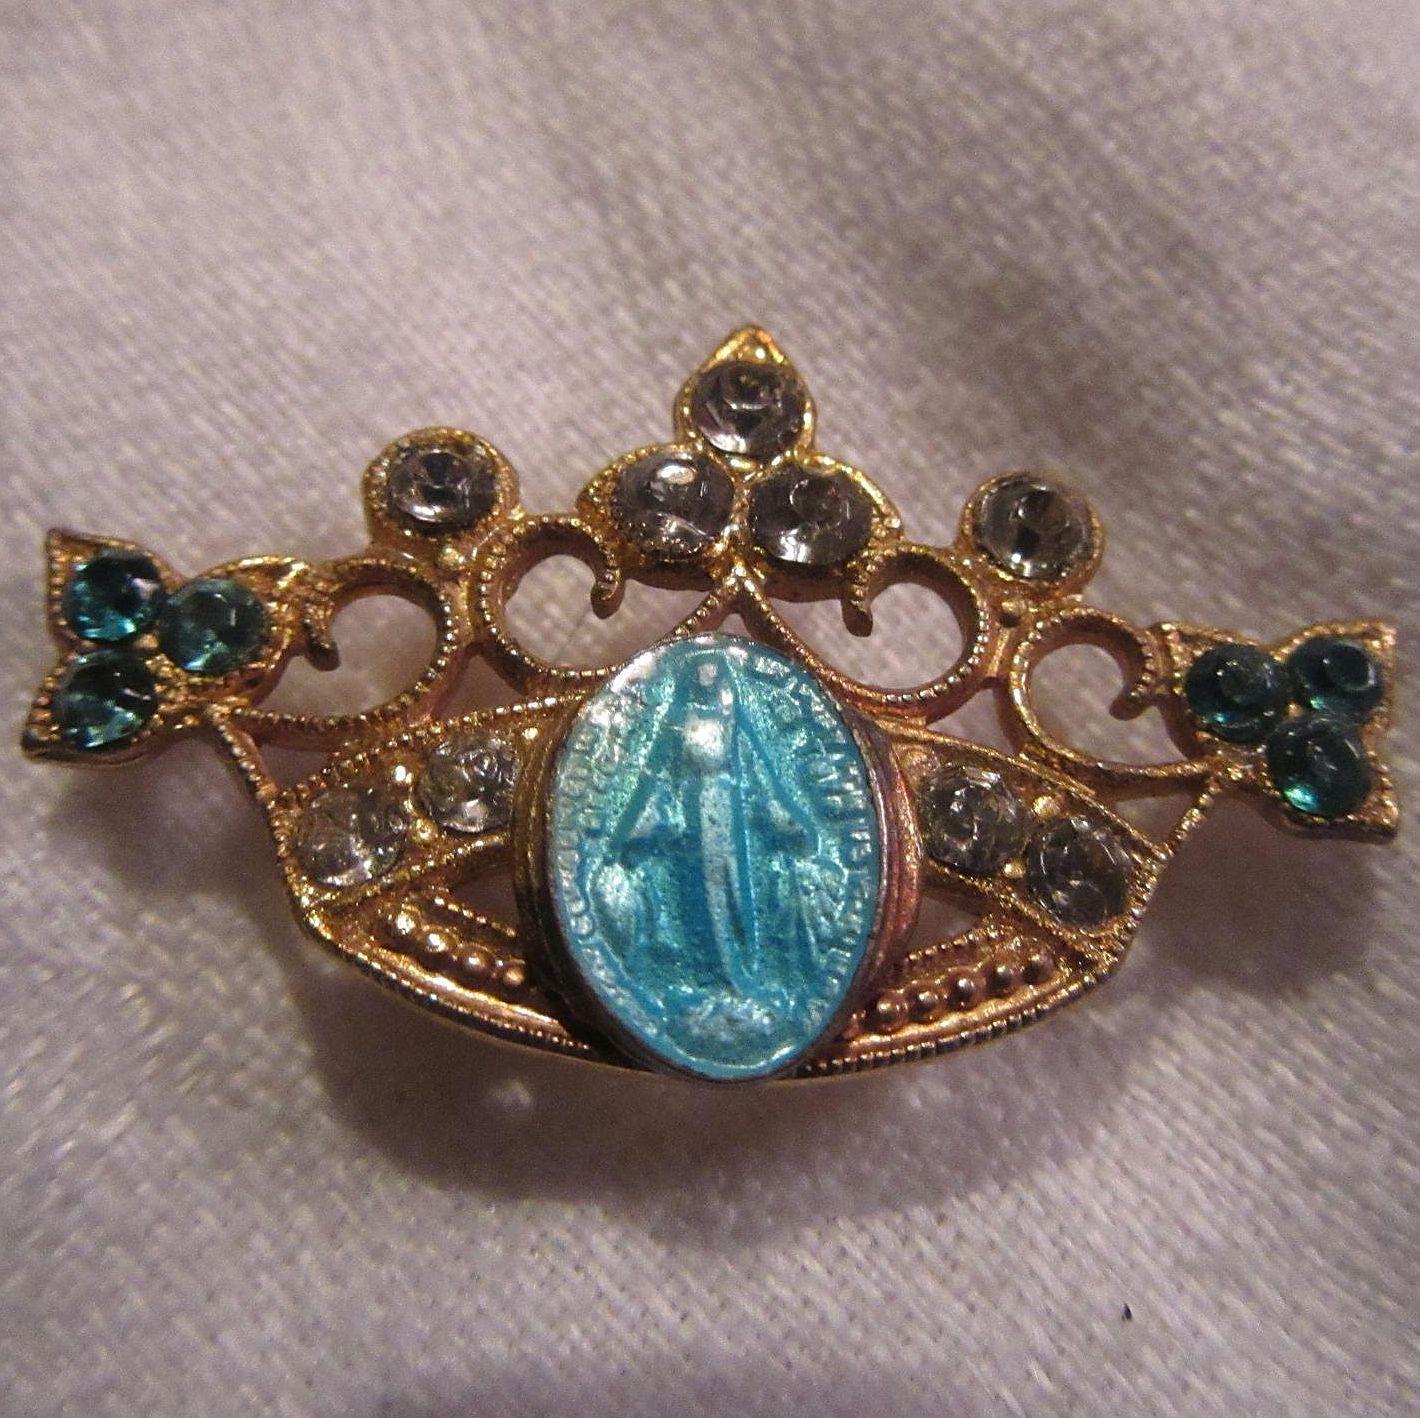 Virgin Mary Blue Miraculous Medal In Crown